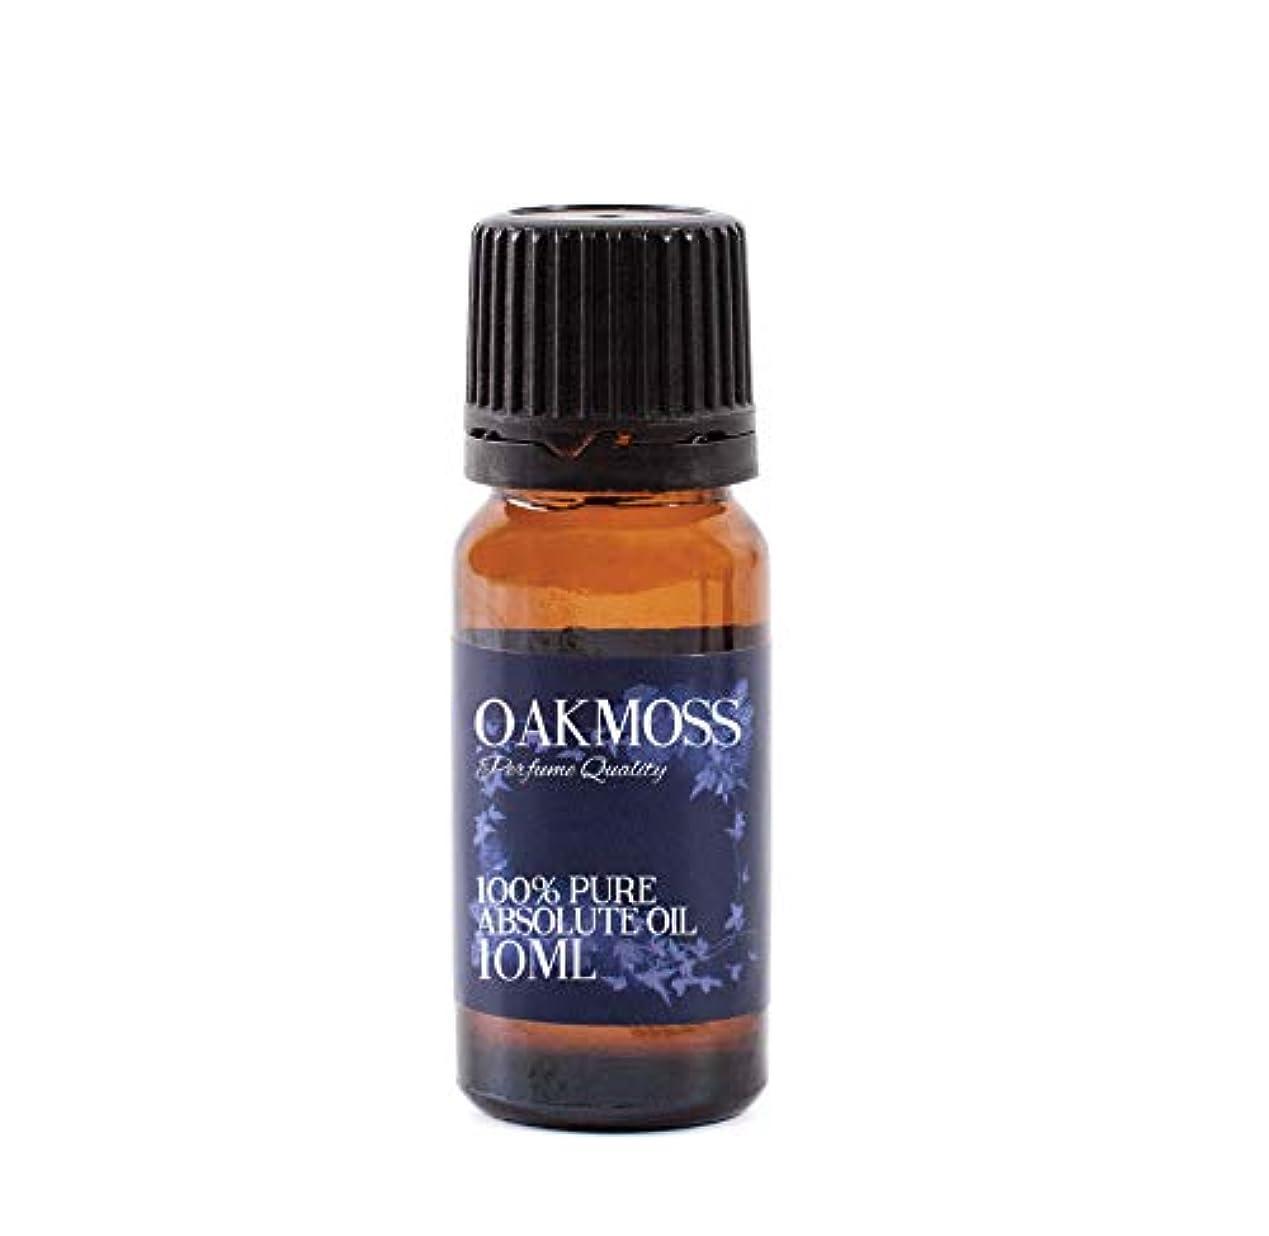 Oakmoss PQ Absolute - 10ml